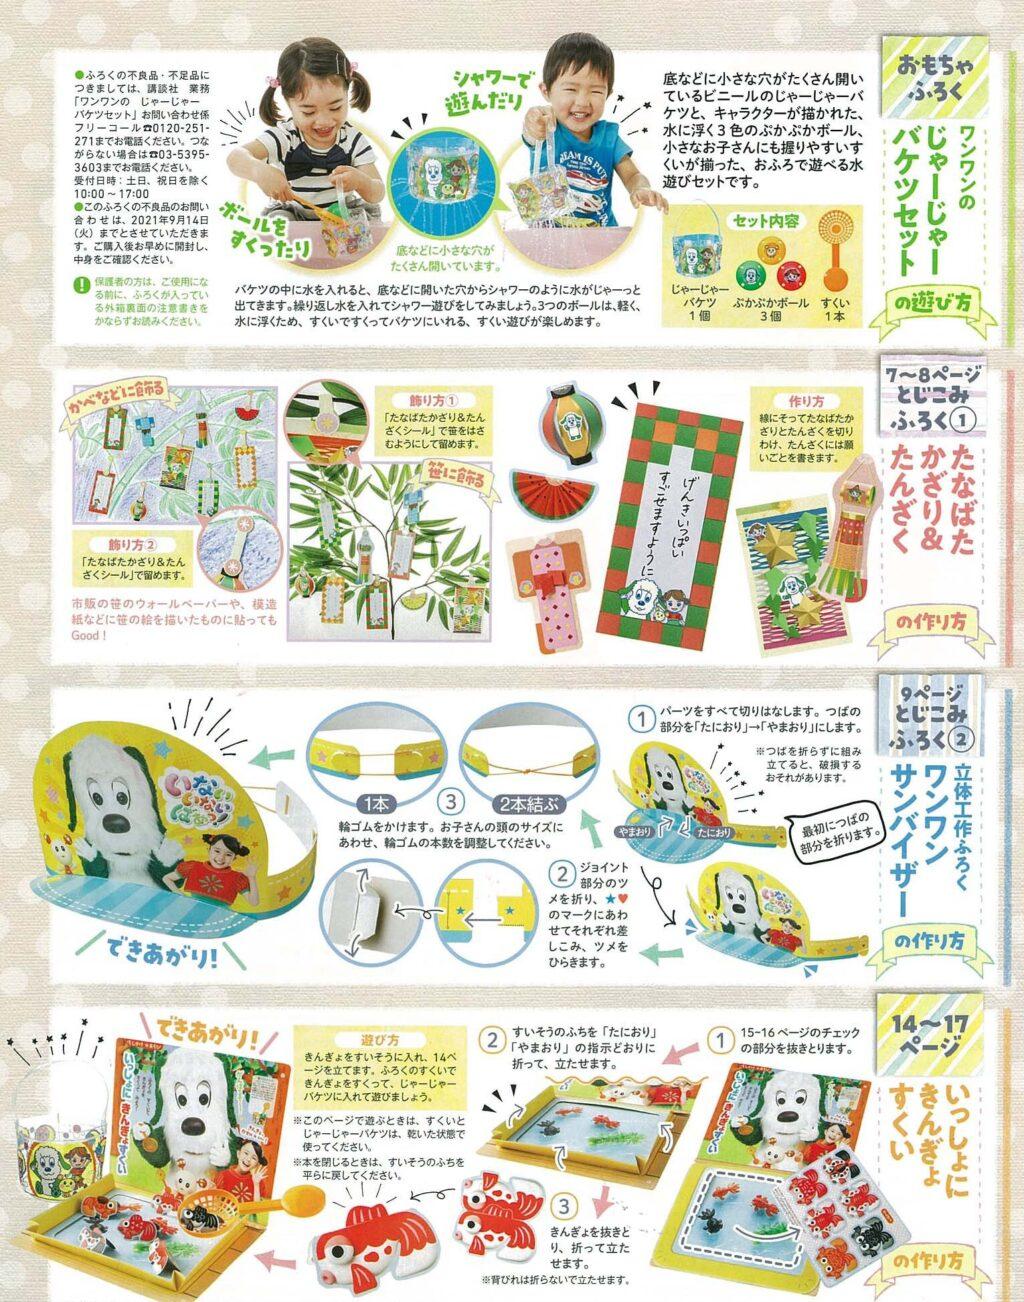 inaba_summer2021_03